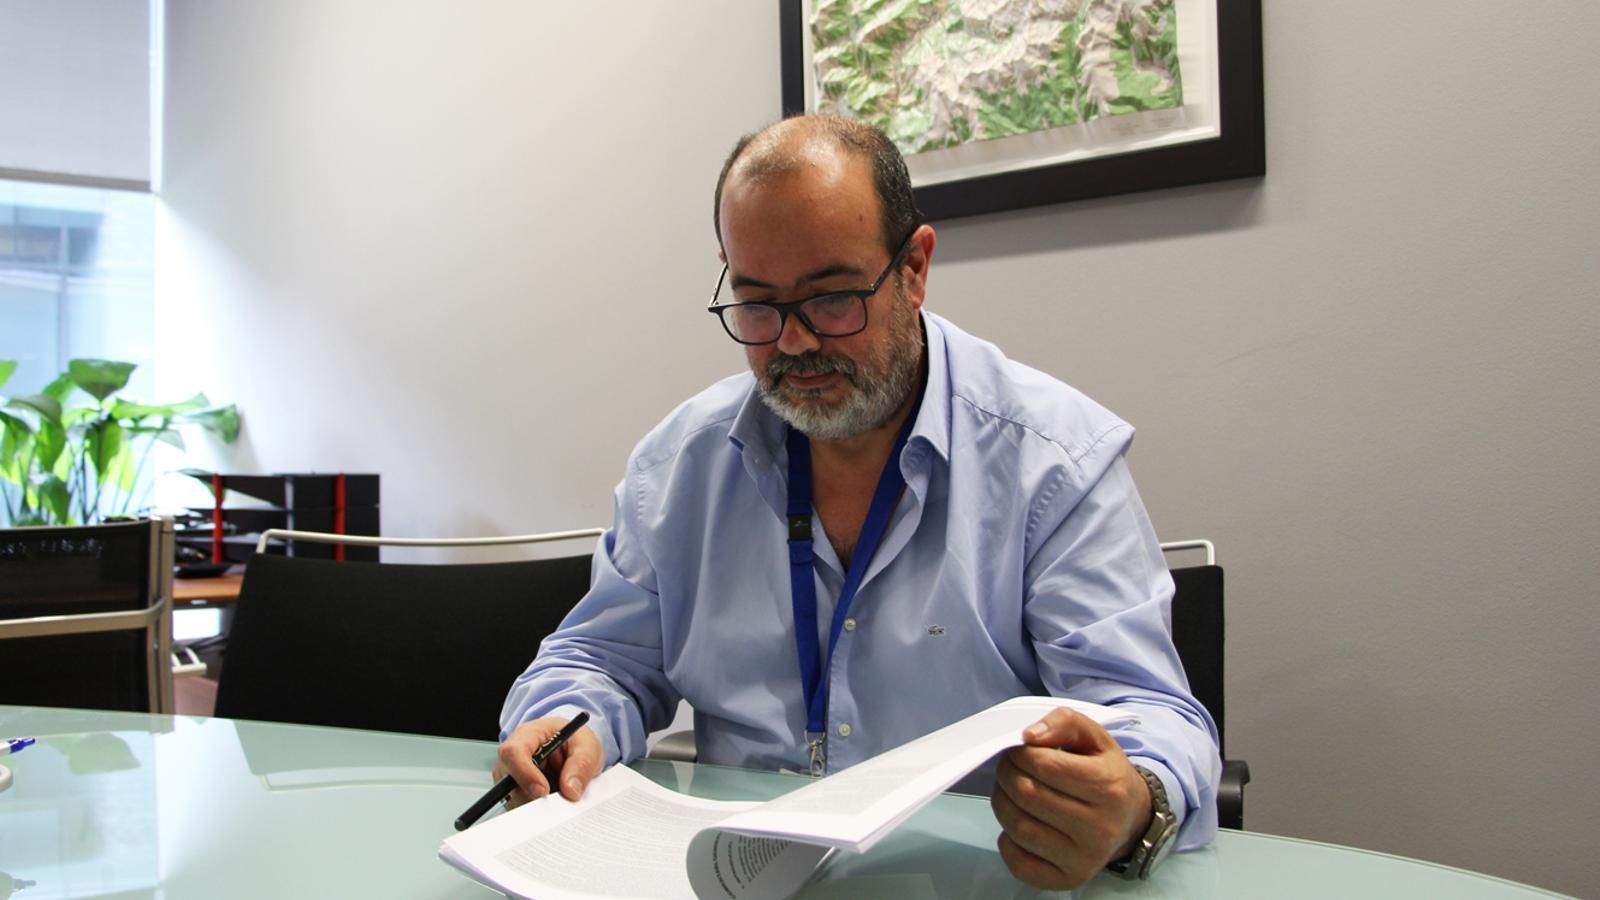 El director de l'Agència Andorrana de Protecció de Dades, Joan Crespo. / E. J. M.